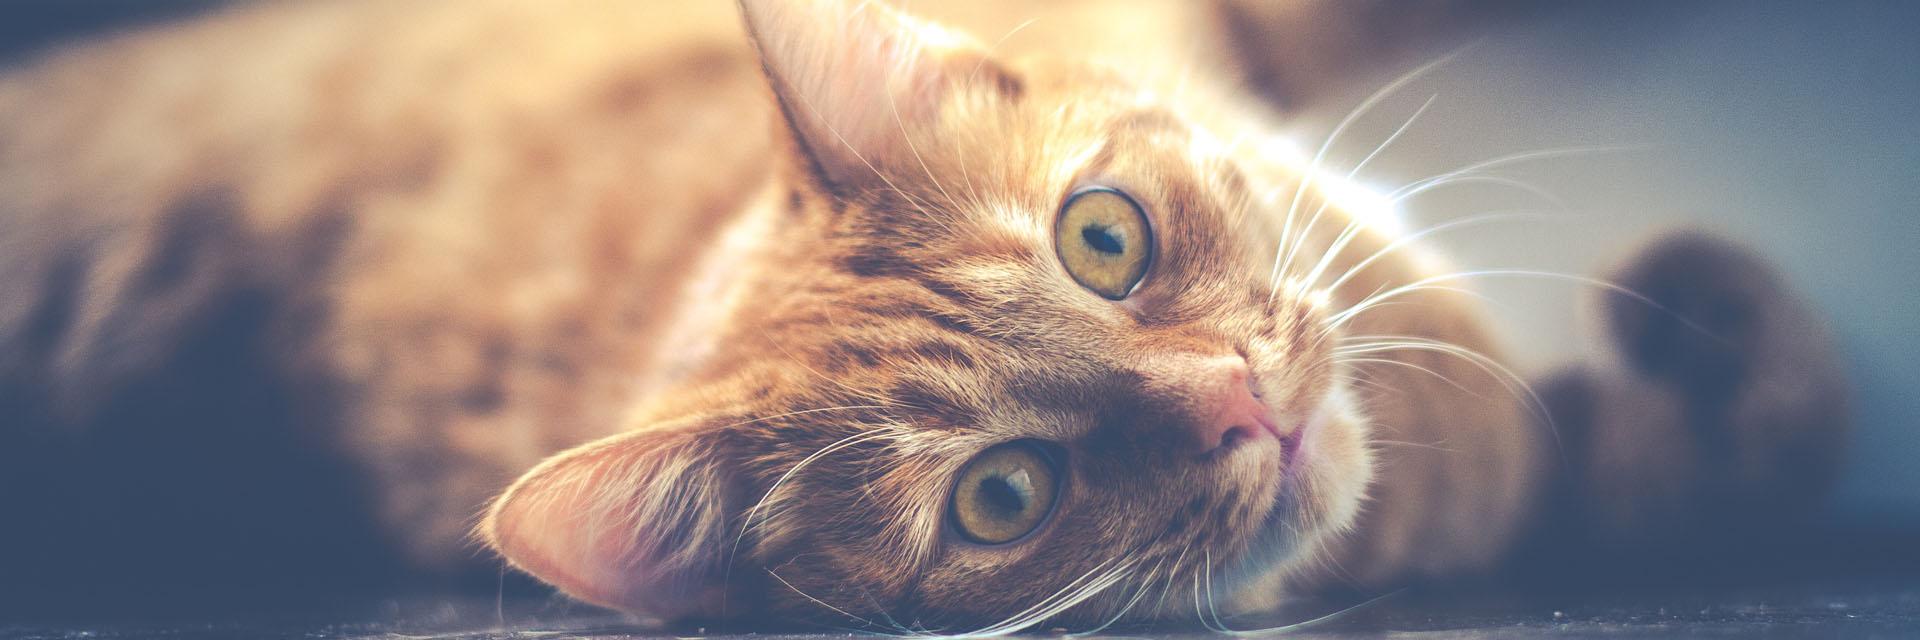 Orange Cat Laying Down - Faulkville Animal Hospital - Bloomingdale, GA